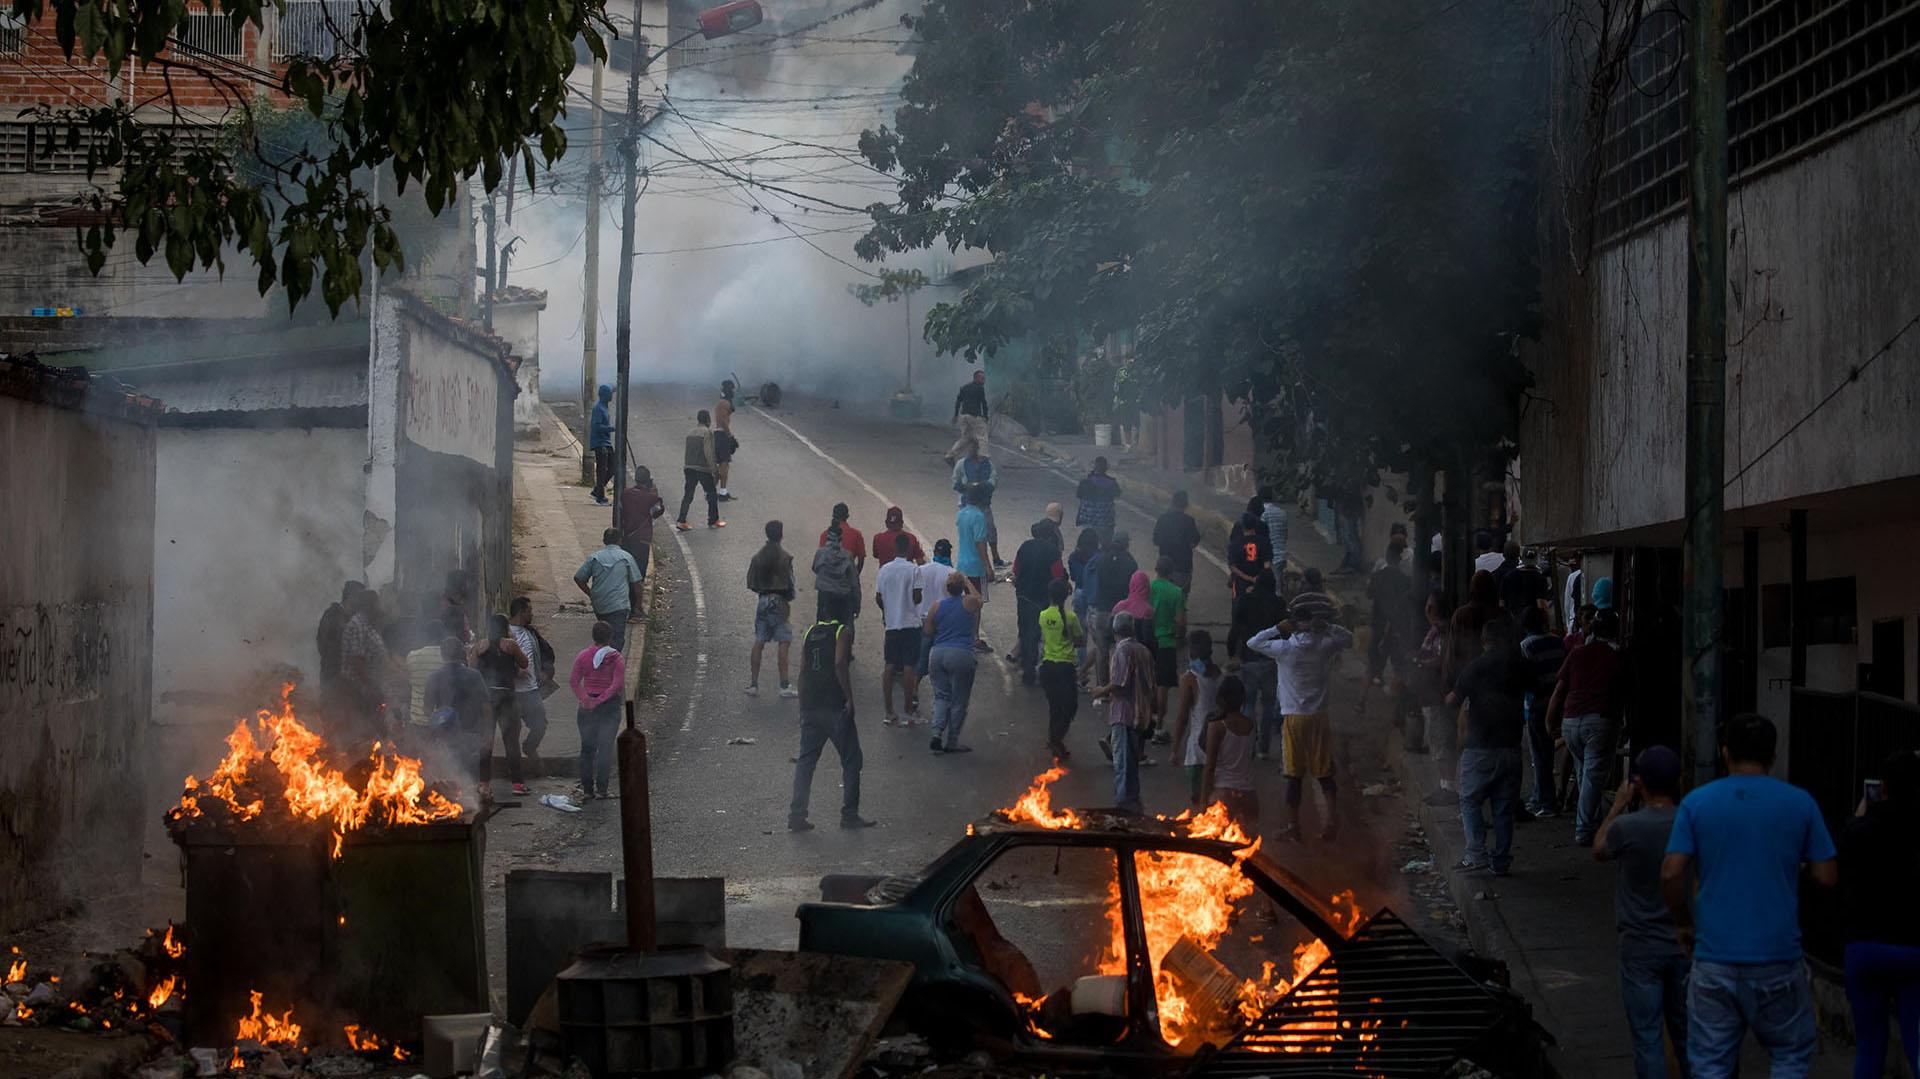 Agentes de la Fuerza de Acciones Especiales (FAES), del Servicio Bolivariano de Inteligencia (Sebin), y algunos militares de la Fuerza Armada Nacional Bolivariana (FANB) mantienen cerrado el paso hacia el comando de la GNB, donde se reunieron los sublevados